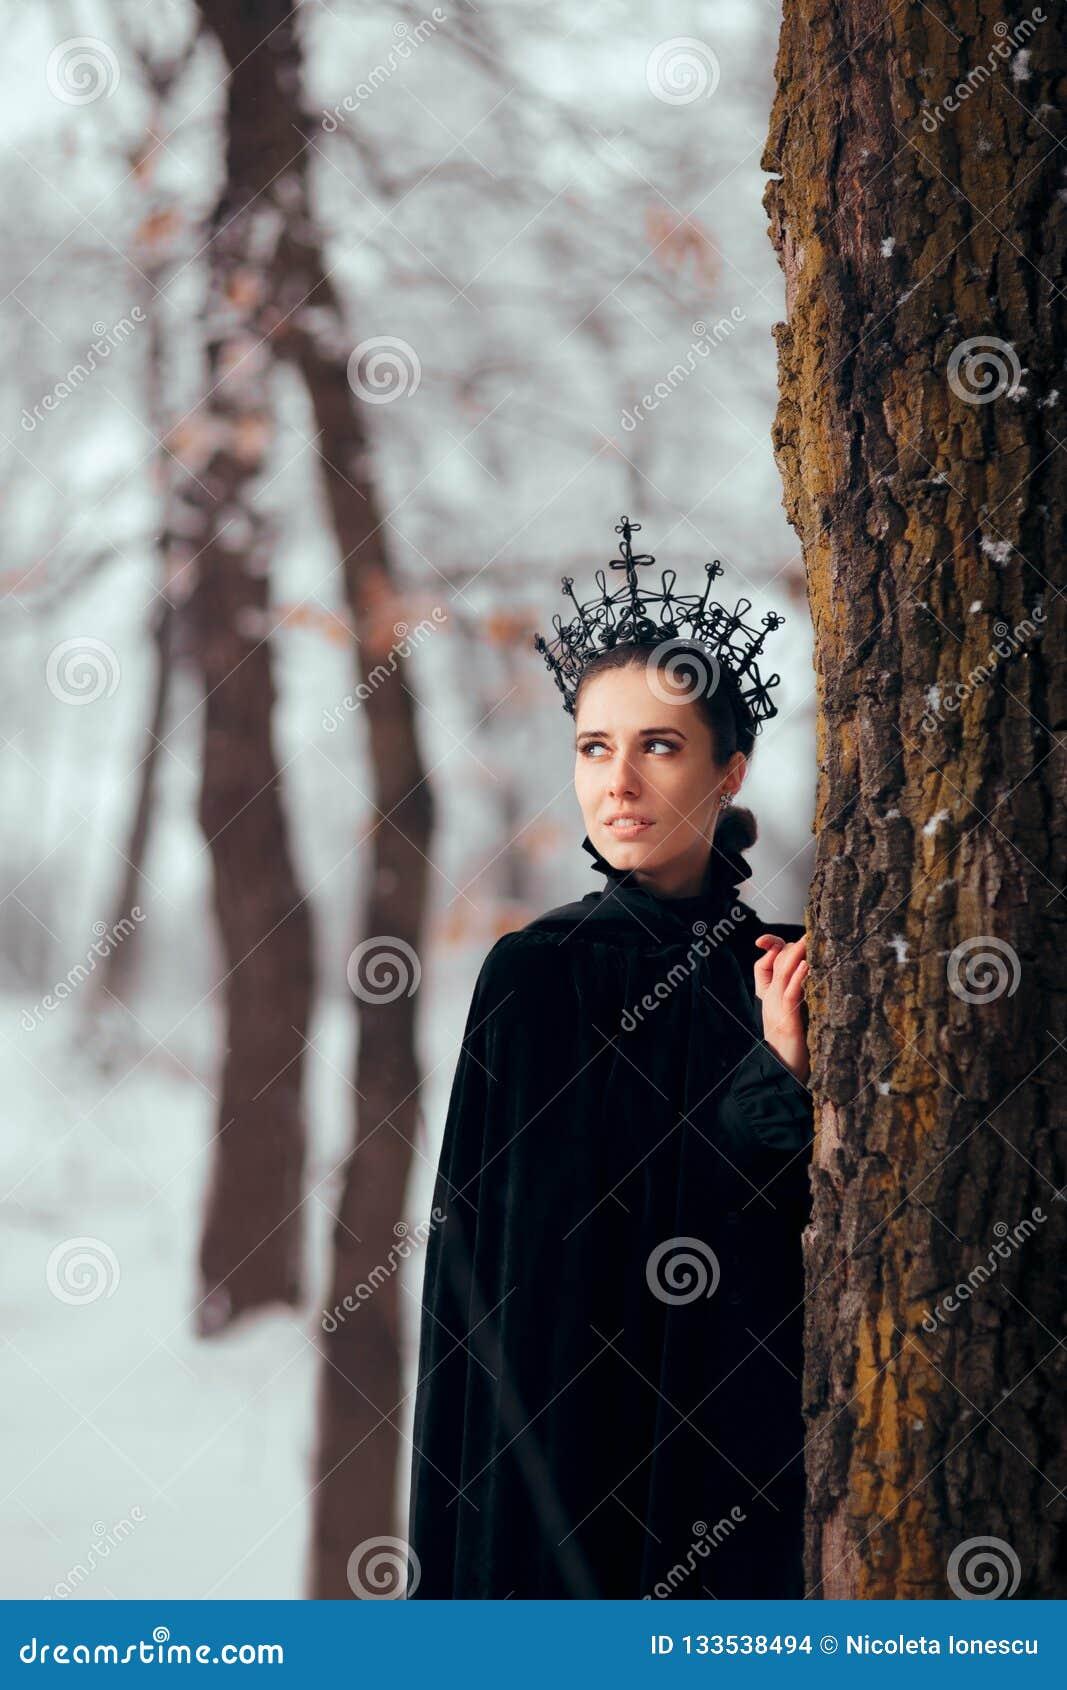 Schlechte Königin in magischem Forest Winter Wonderland